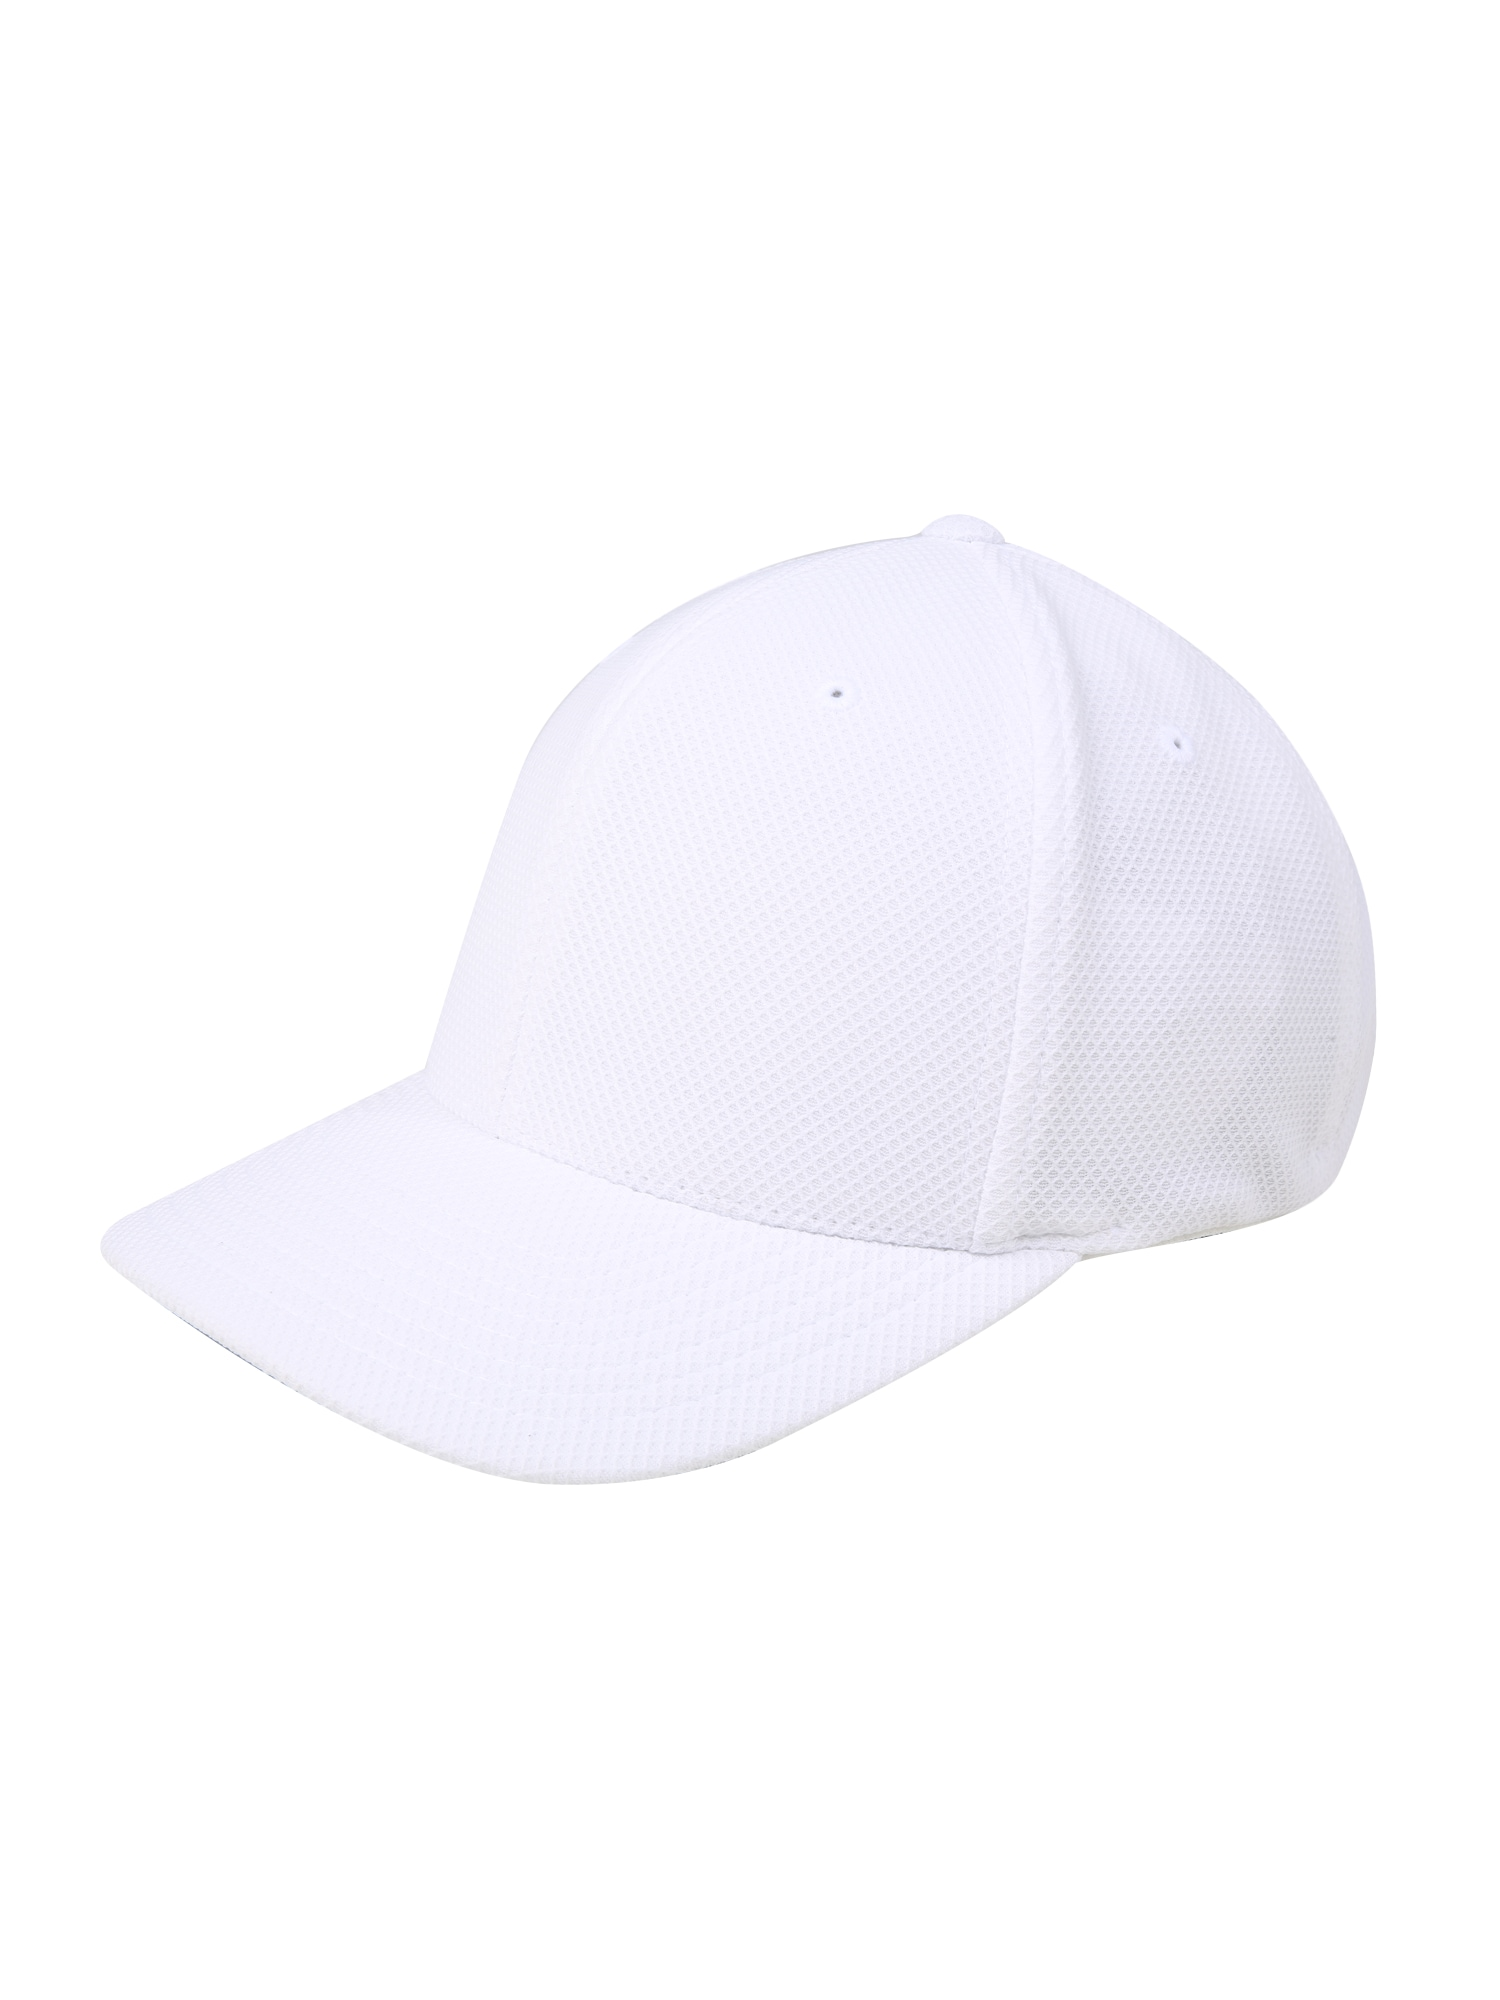 Kšiltovka 110 Velcro Hybrid bílá Flexfit